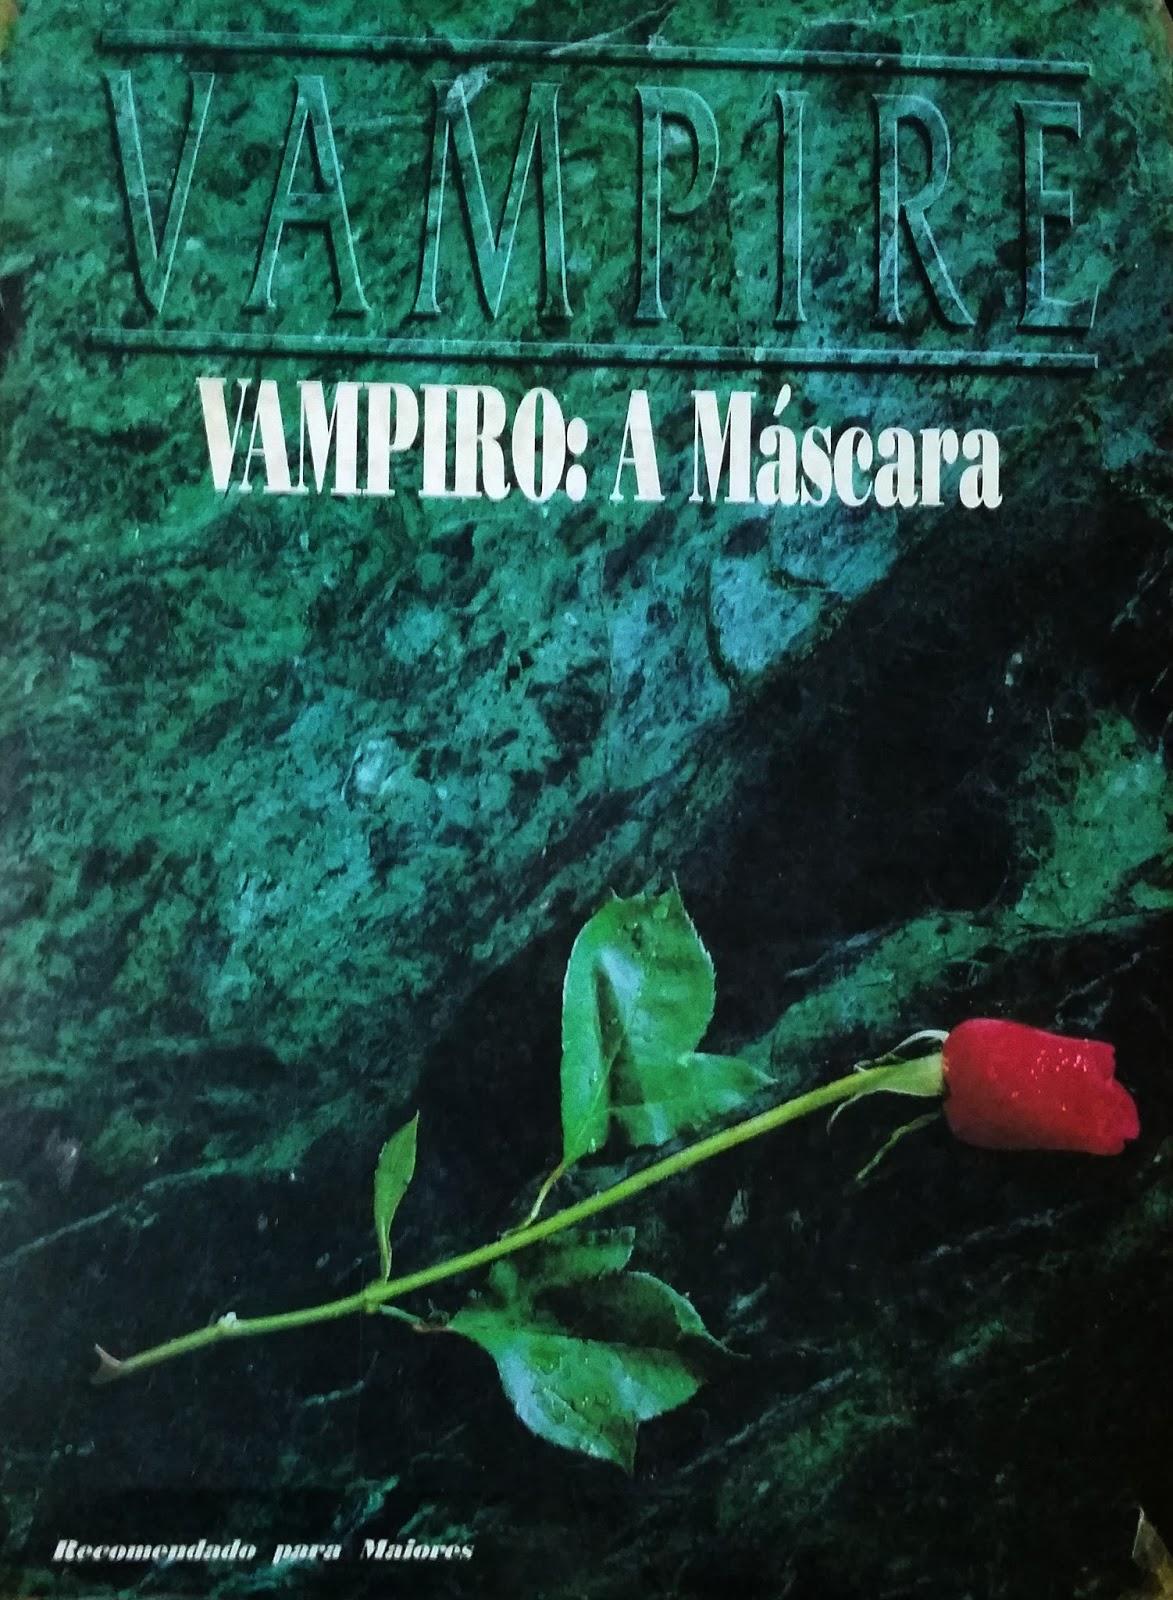 VAMPIRO MASCARA BAIXAR EDIO A 3